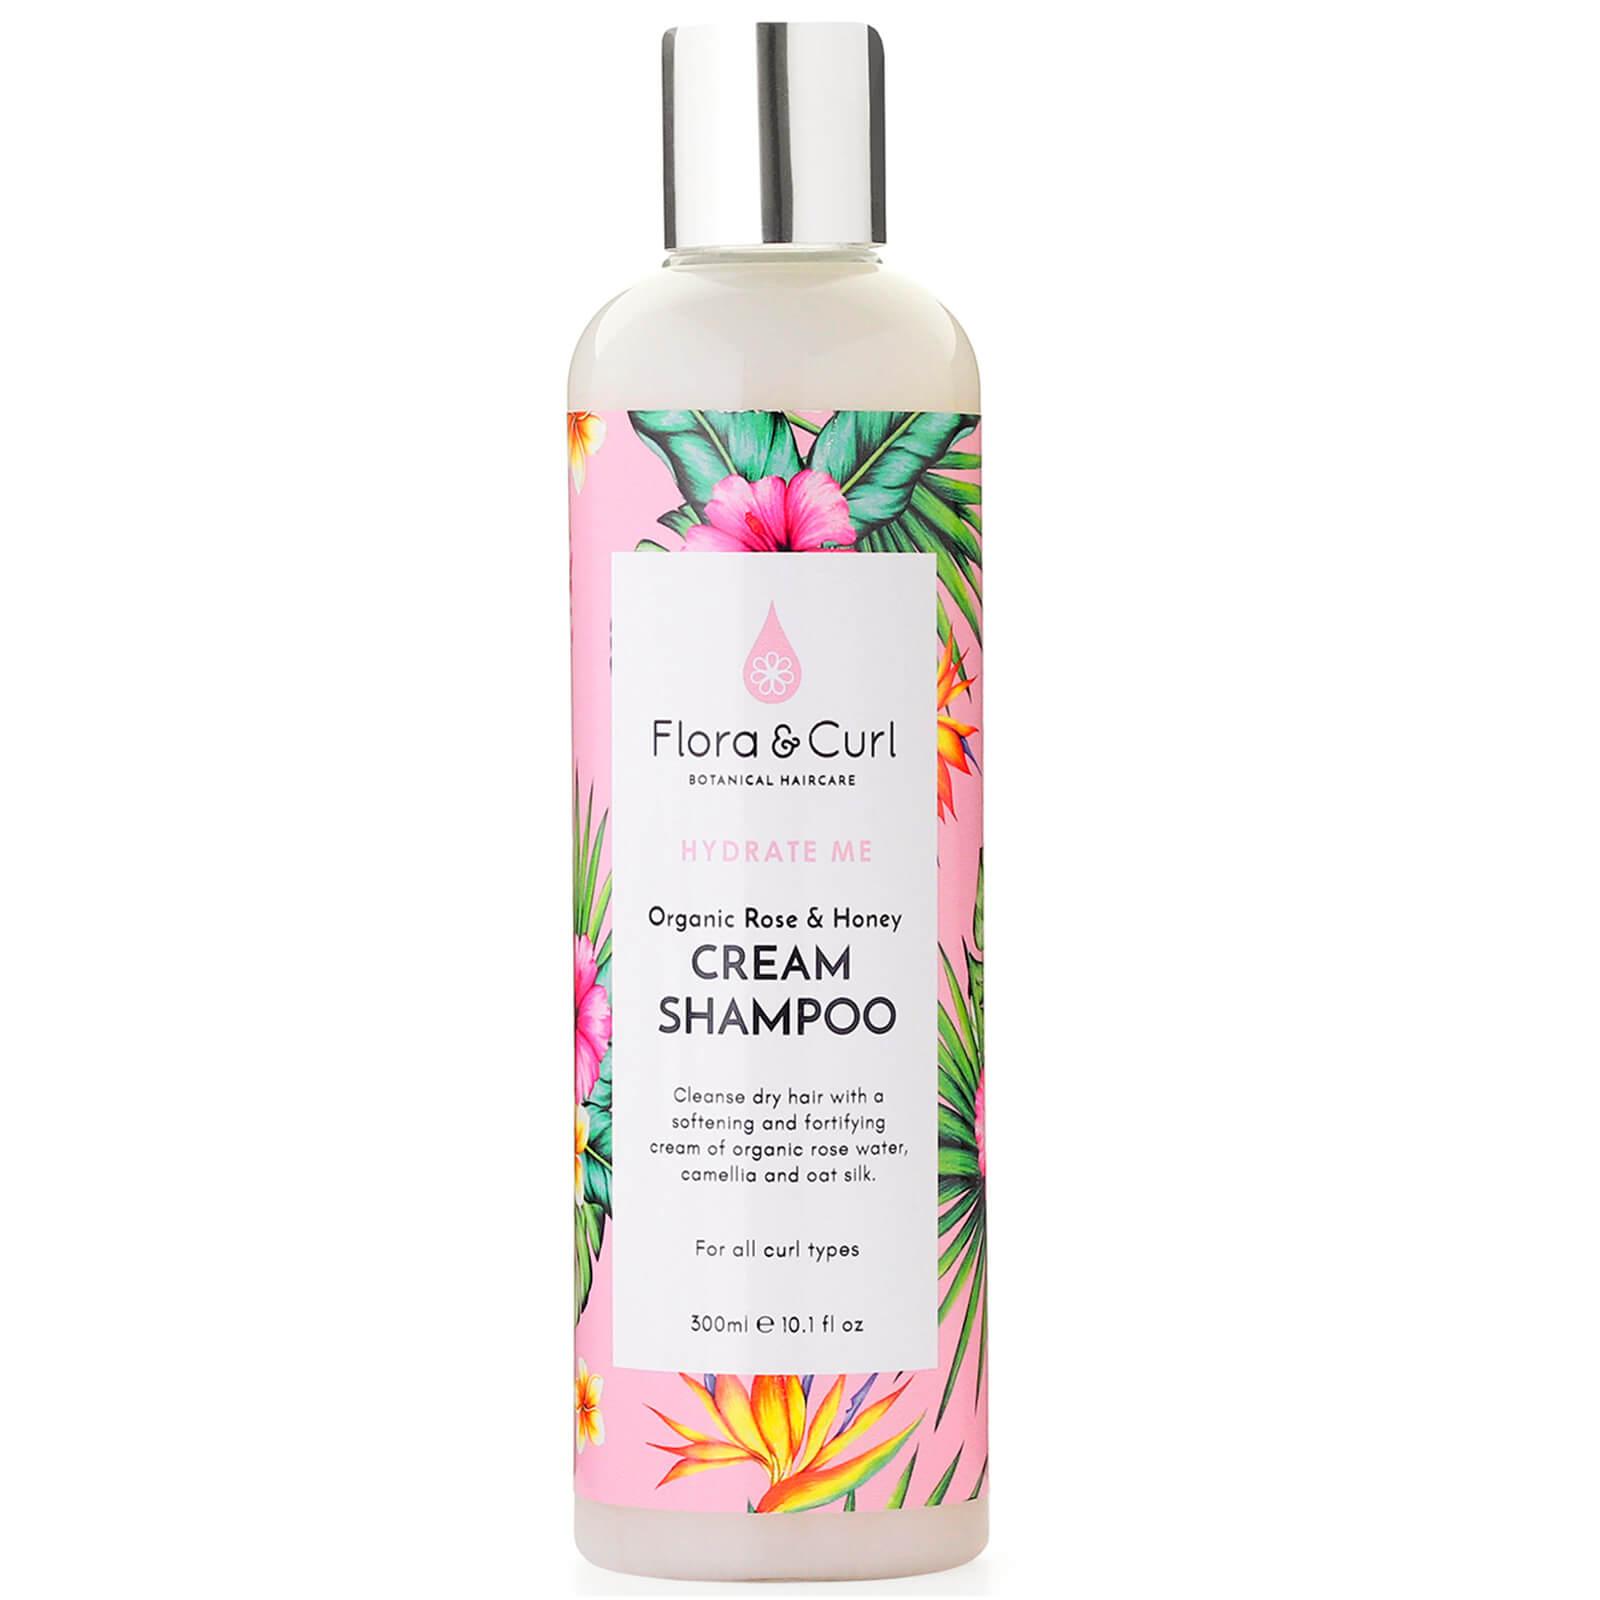 Купить Flora & Curl Organic Rose & Honey Cream Shampoo 300ml